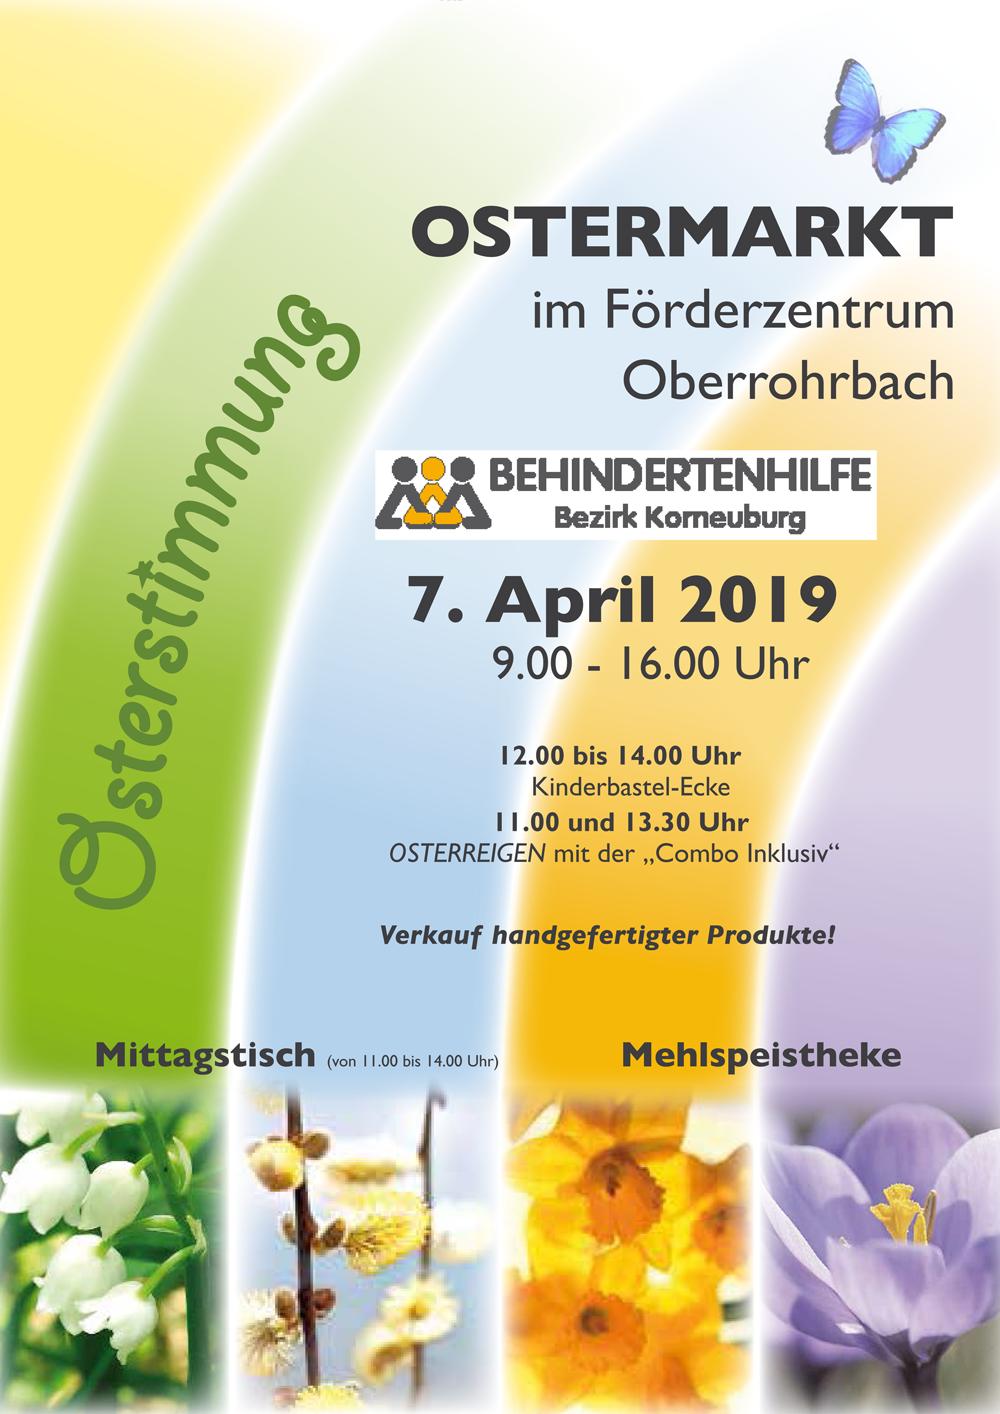 Ostermarkt Behindertenhilfe Bezirk Korneuburg